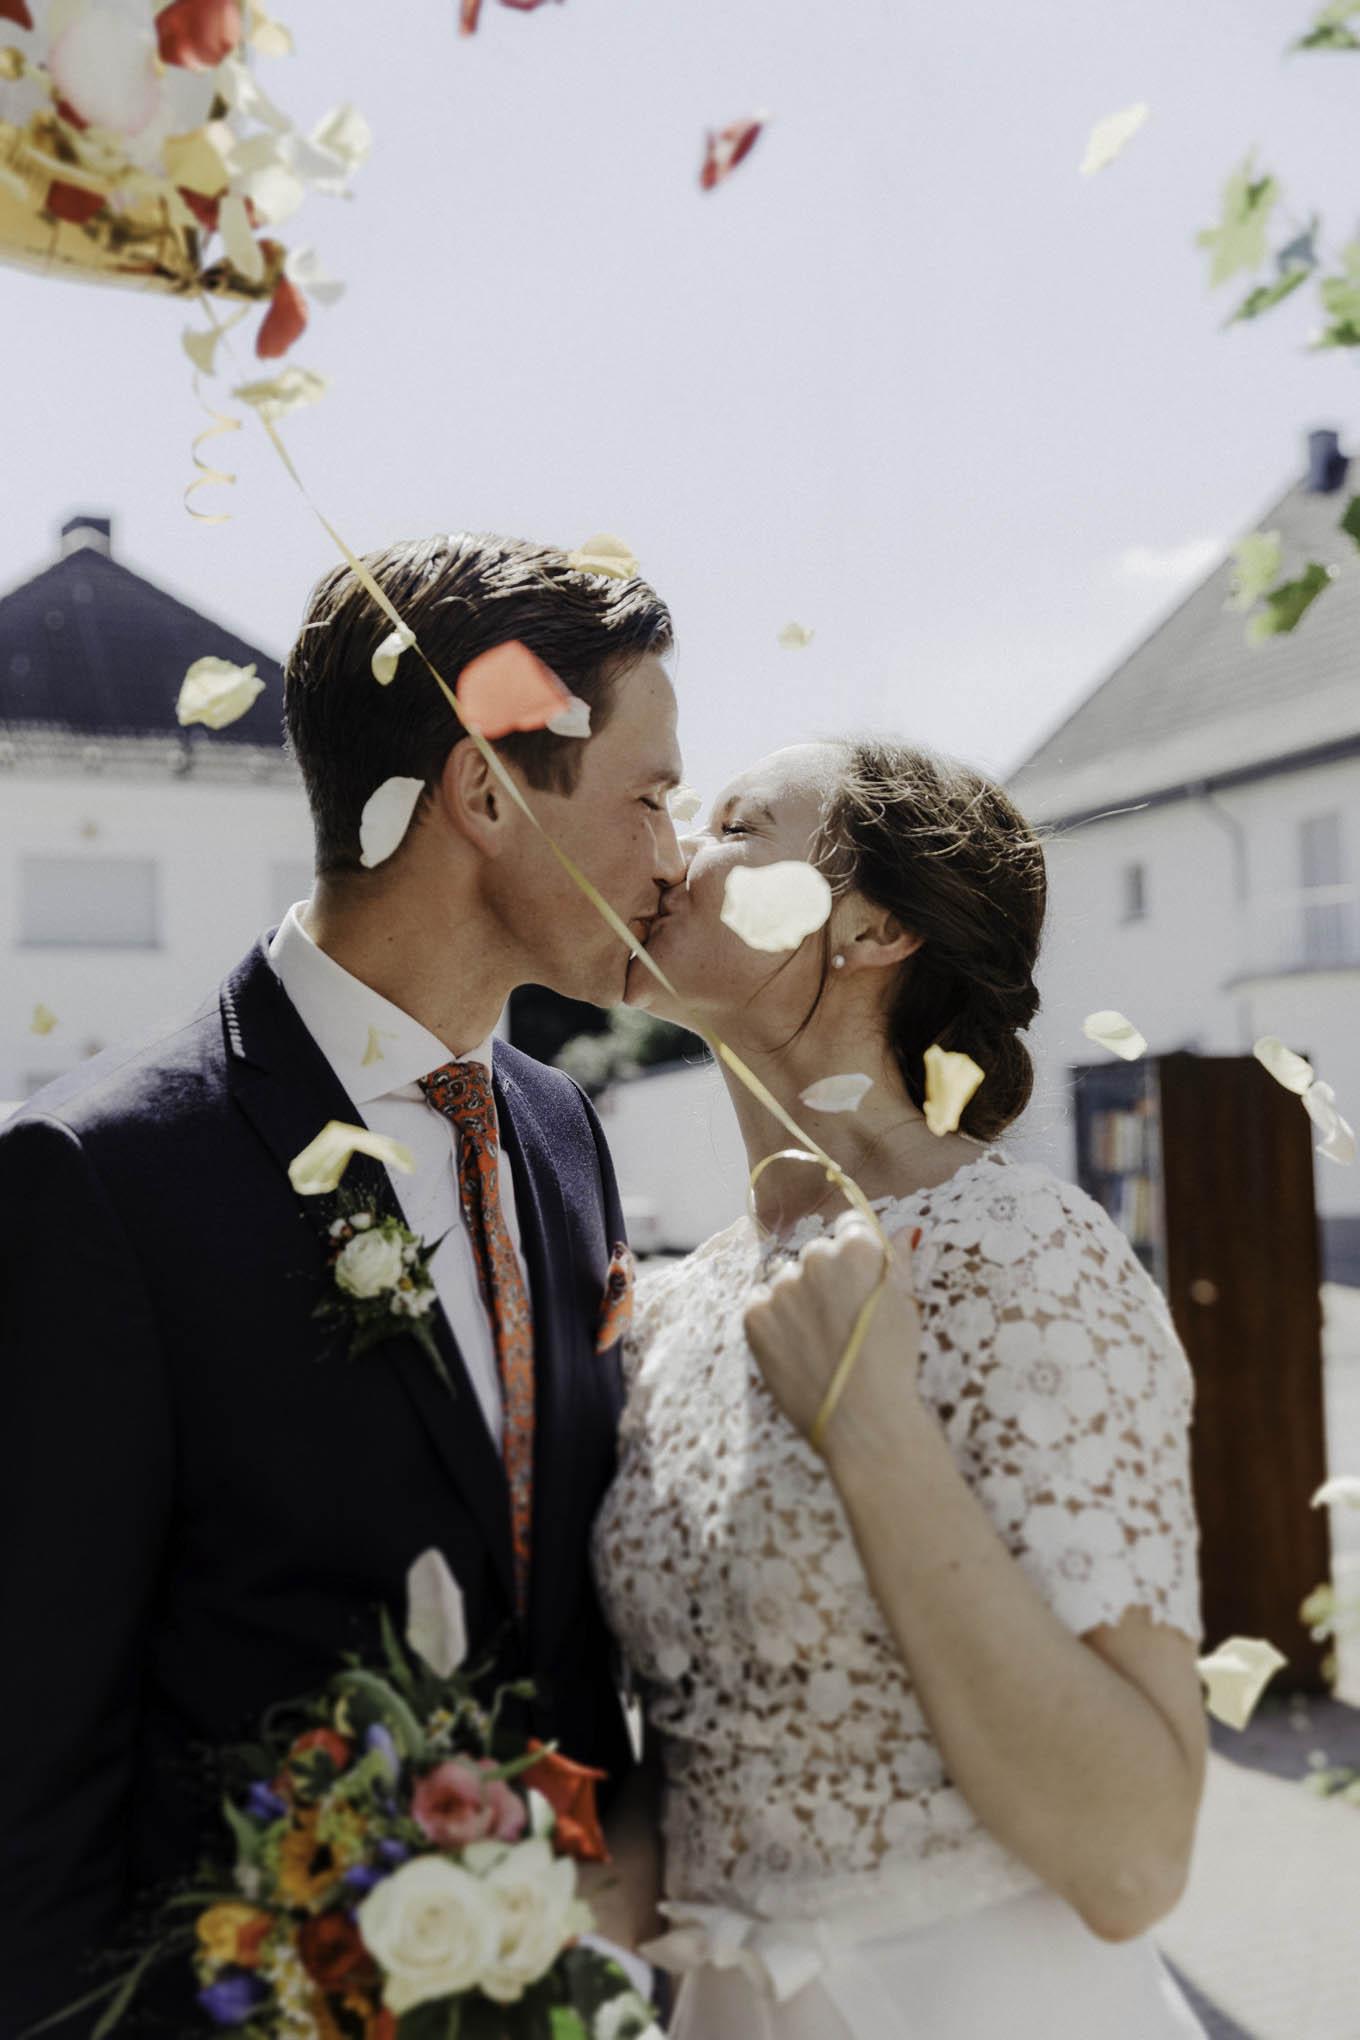 Küssendes Brautpaar mit Blüten und Luftballon